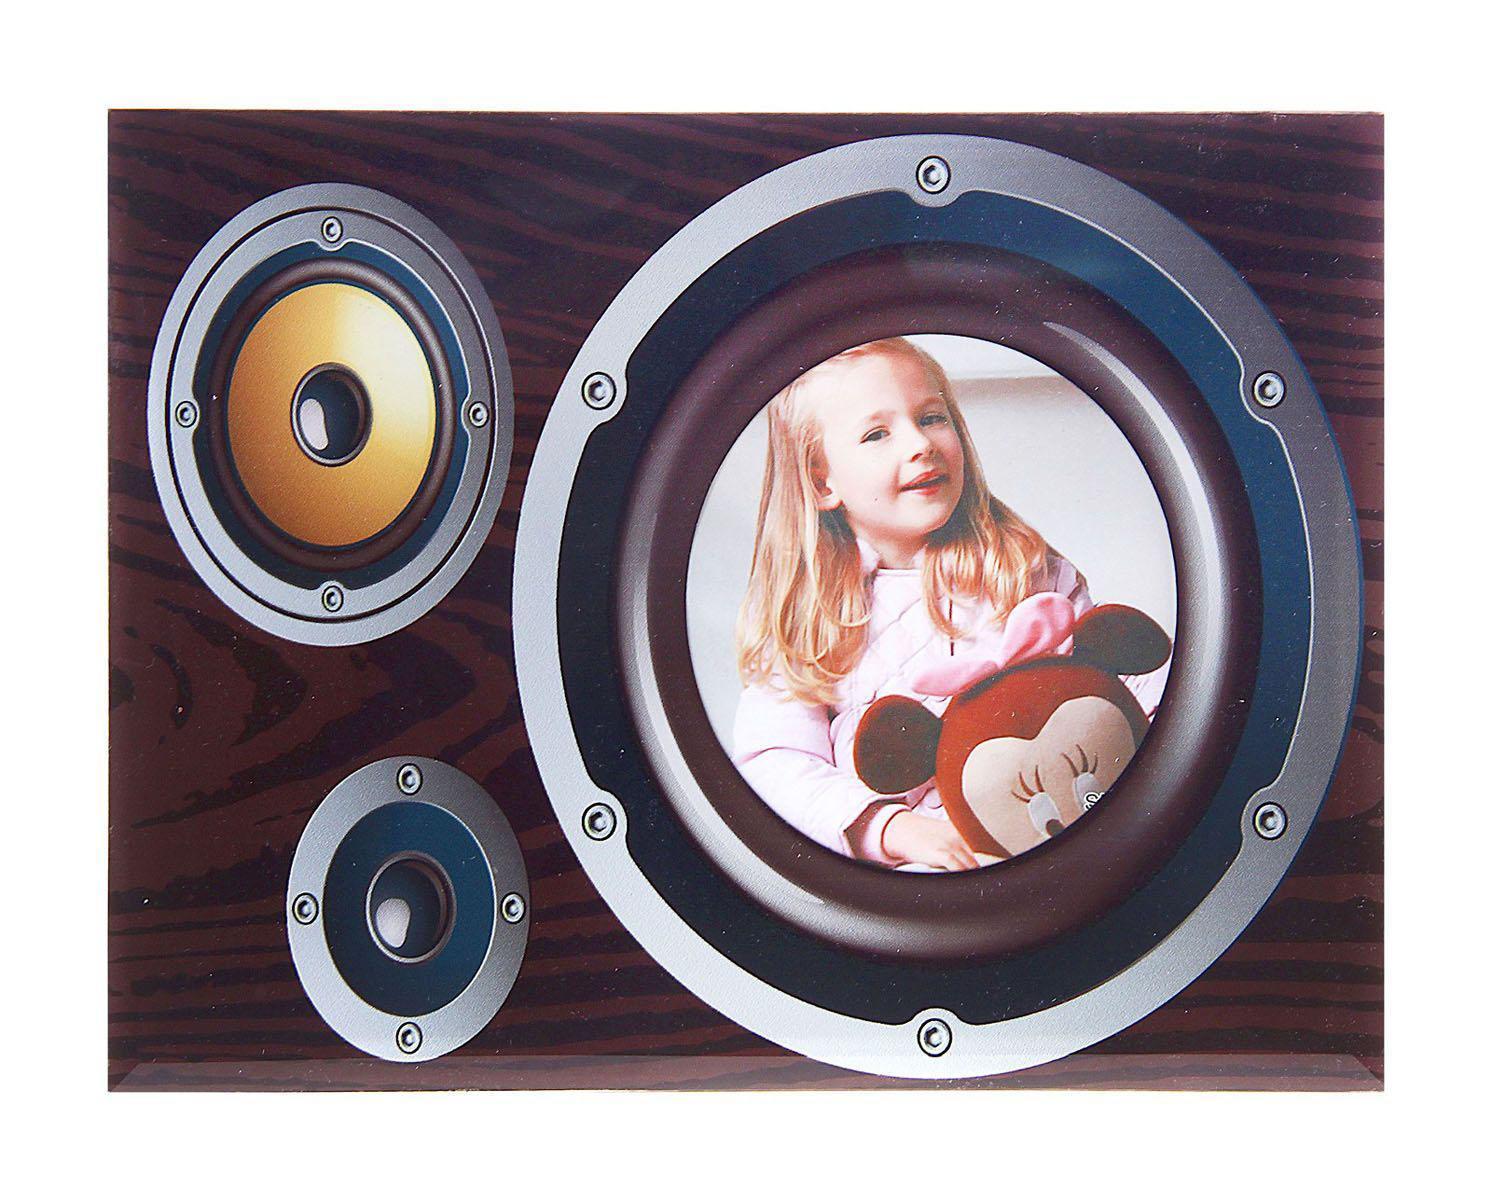 Фоторамка Sima-land Динамик, цвет: коричневый, 10 см х 10 см133421Декоративная фоторамка Sima-land Динамик выполнена из стекла и декорирована изображением динамика. Обратная сторона рамки оснащена специальной ножкой, благодаря которой ее можно поставить на стол или любое другое место в доме или офисе. Такая фоторамка украсит ваш интерьер оригинальным образом, а также позволит сохранить память о дорогих вам людях и интересных событиях вашей жизни. С ней вы сможете не просто внести в интерьер своего дома элемент оригинальности, но и создать атмосферу загадочности и изысканности.